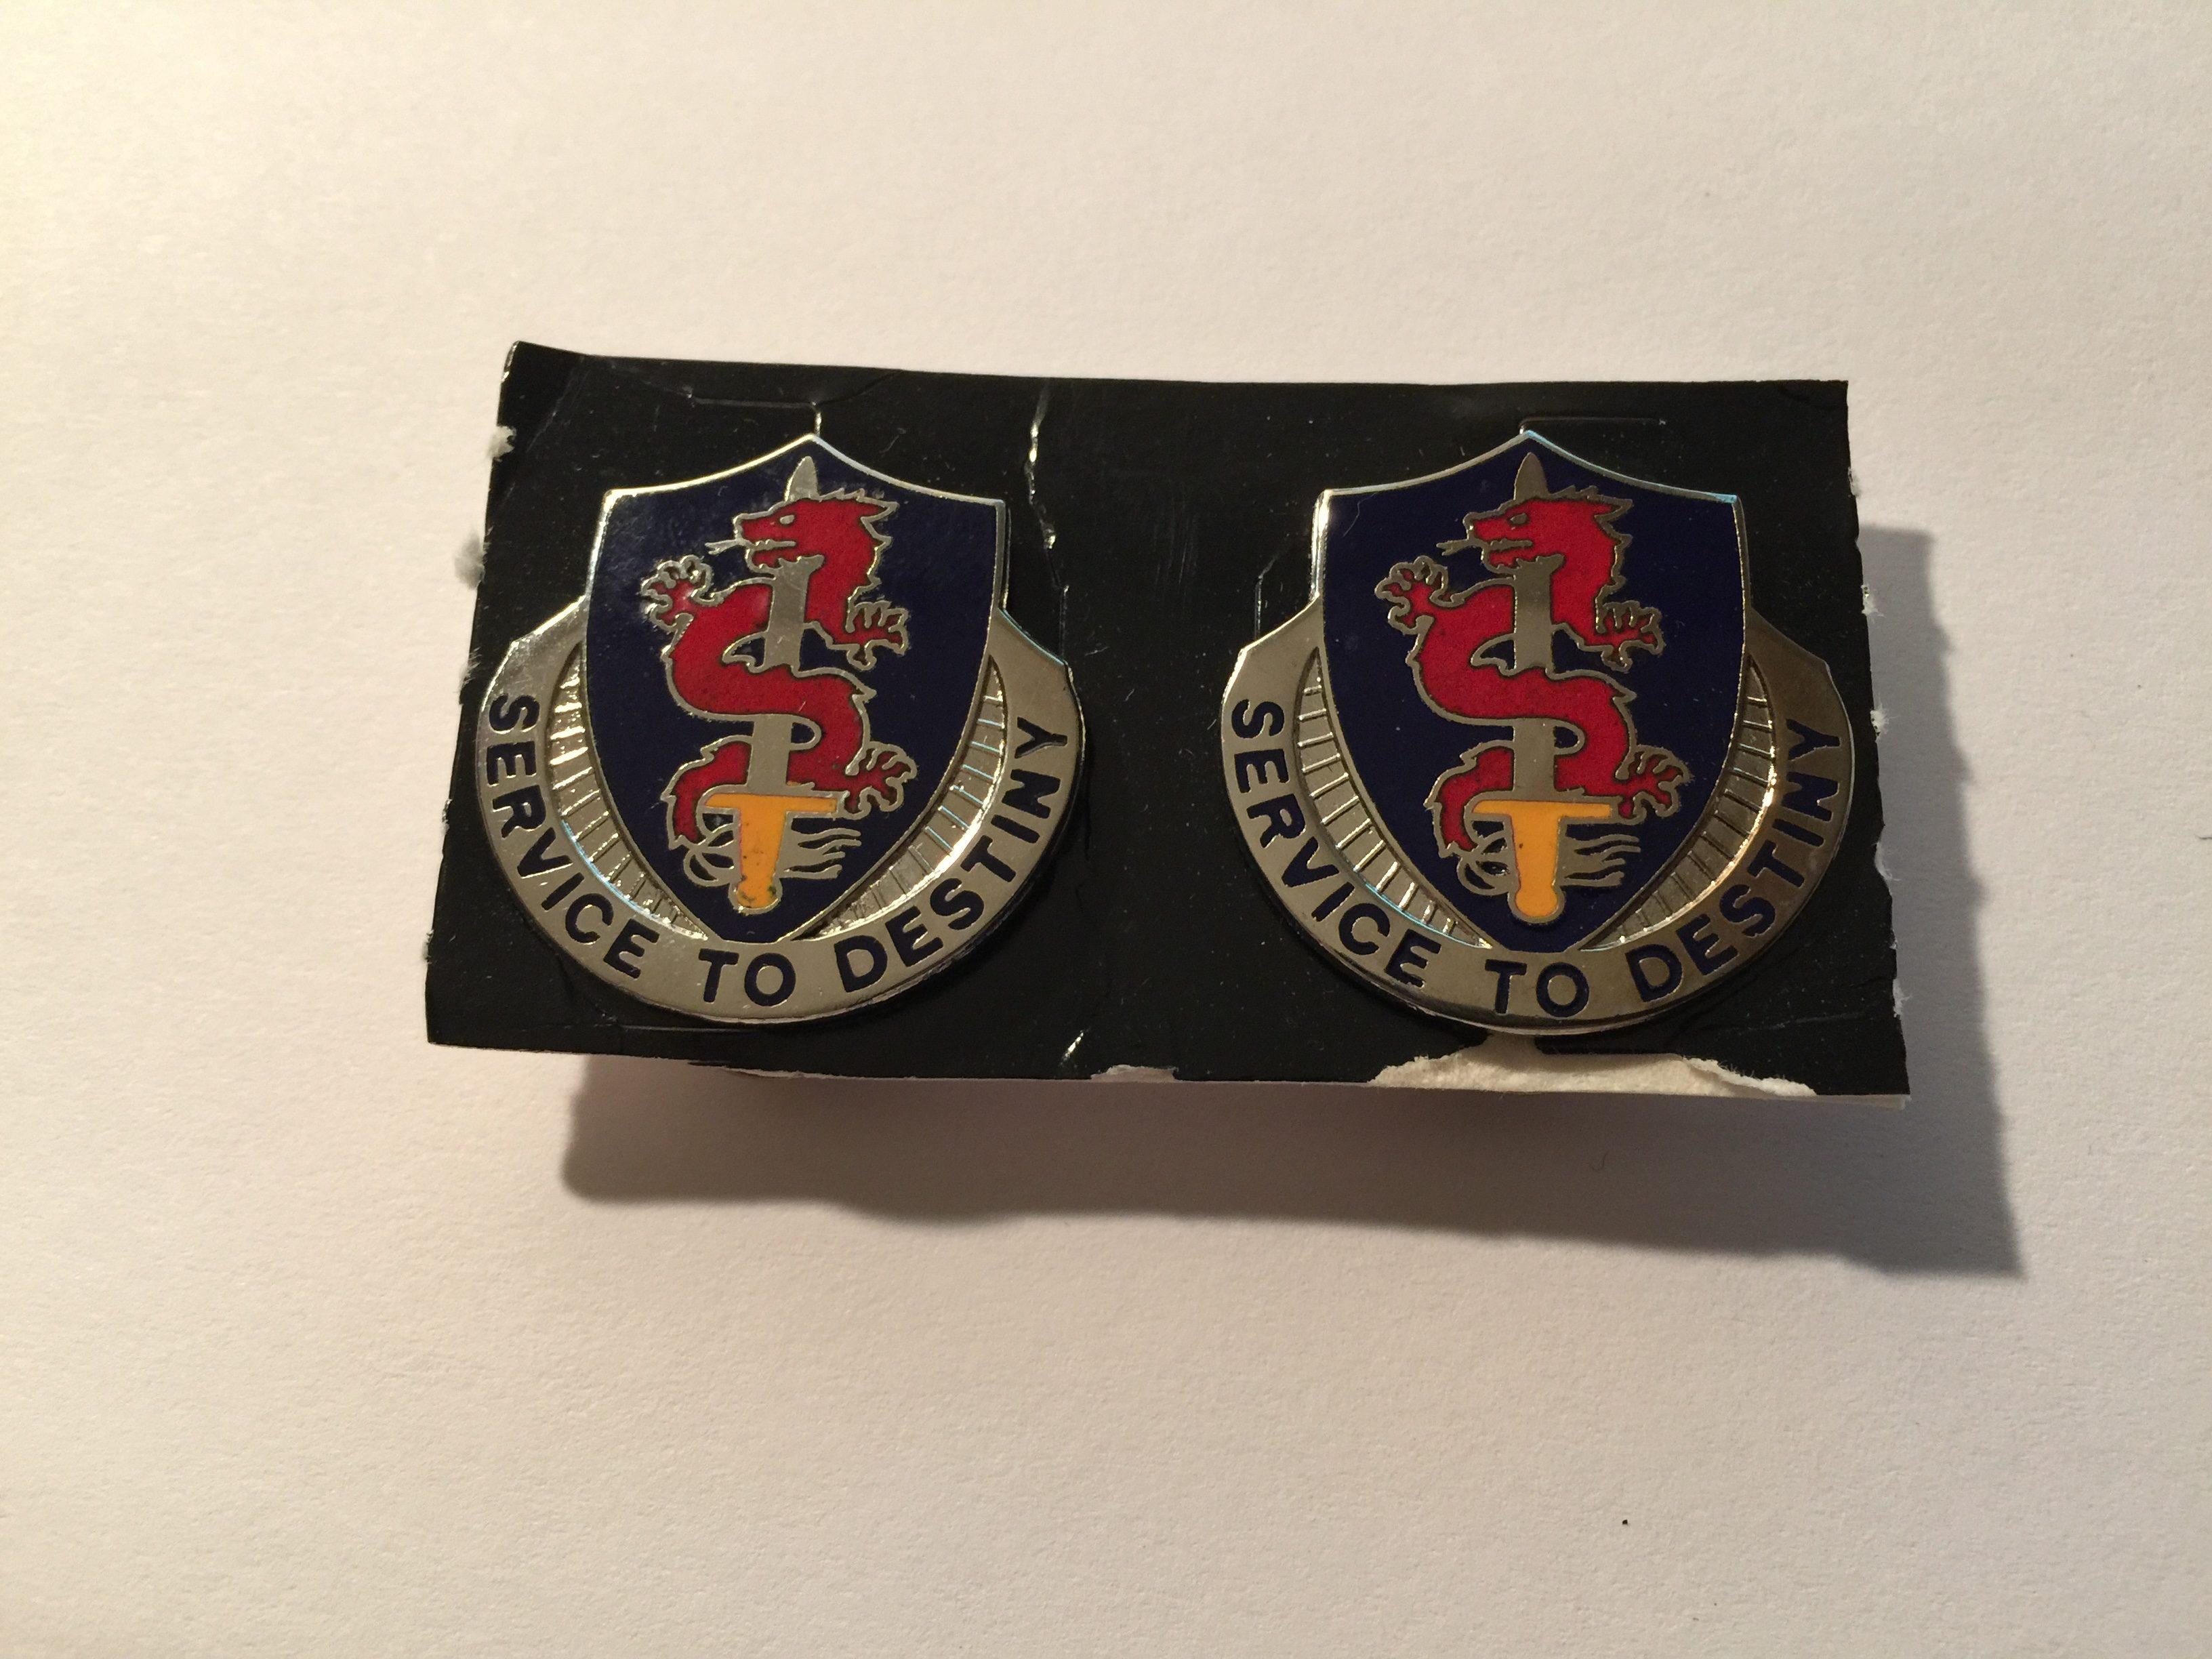 101st Personnel Services Battalion Unit Crest